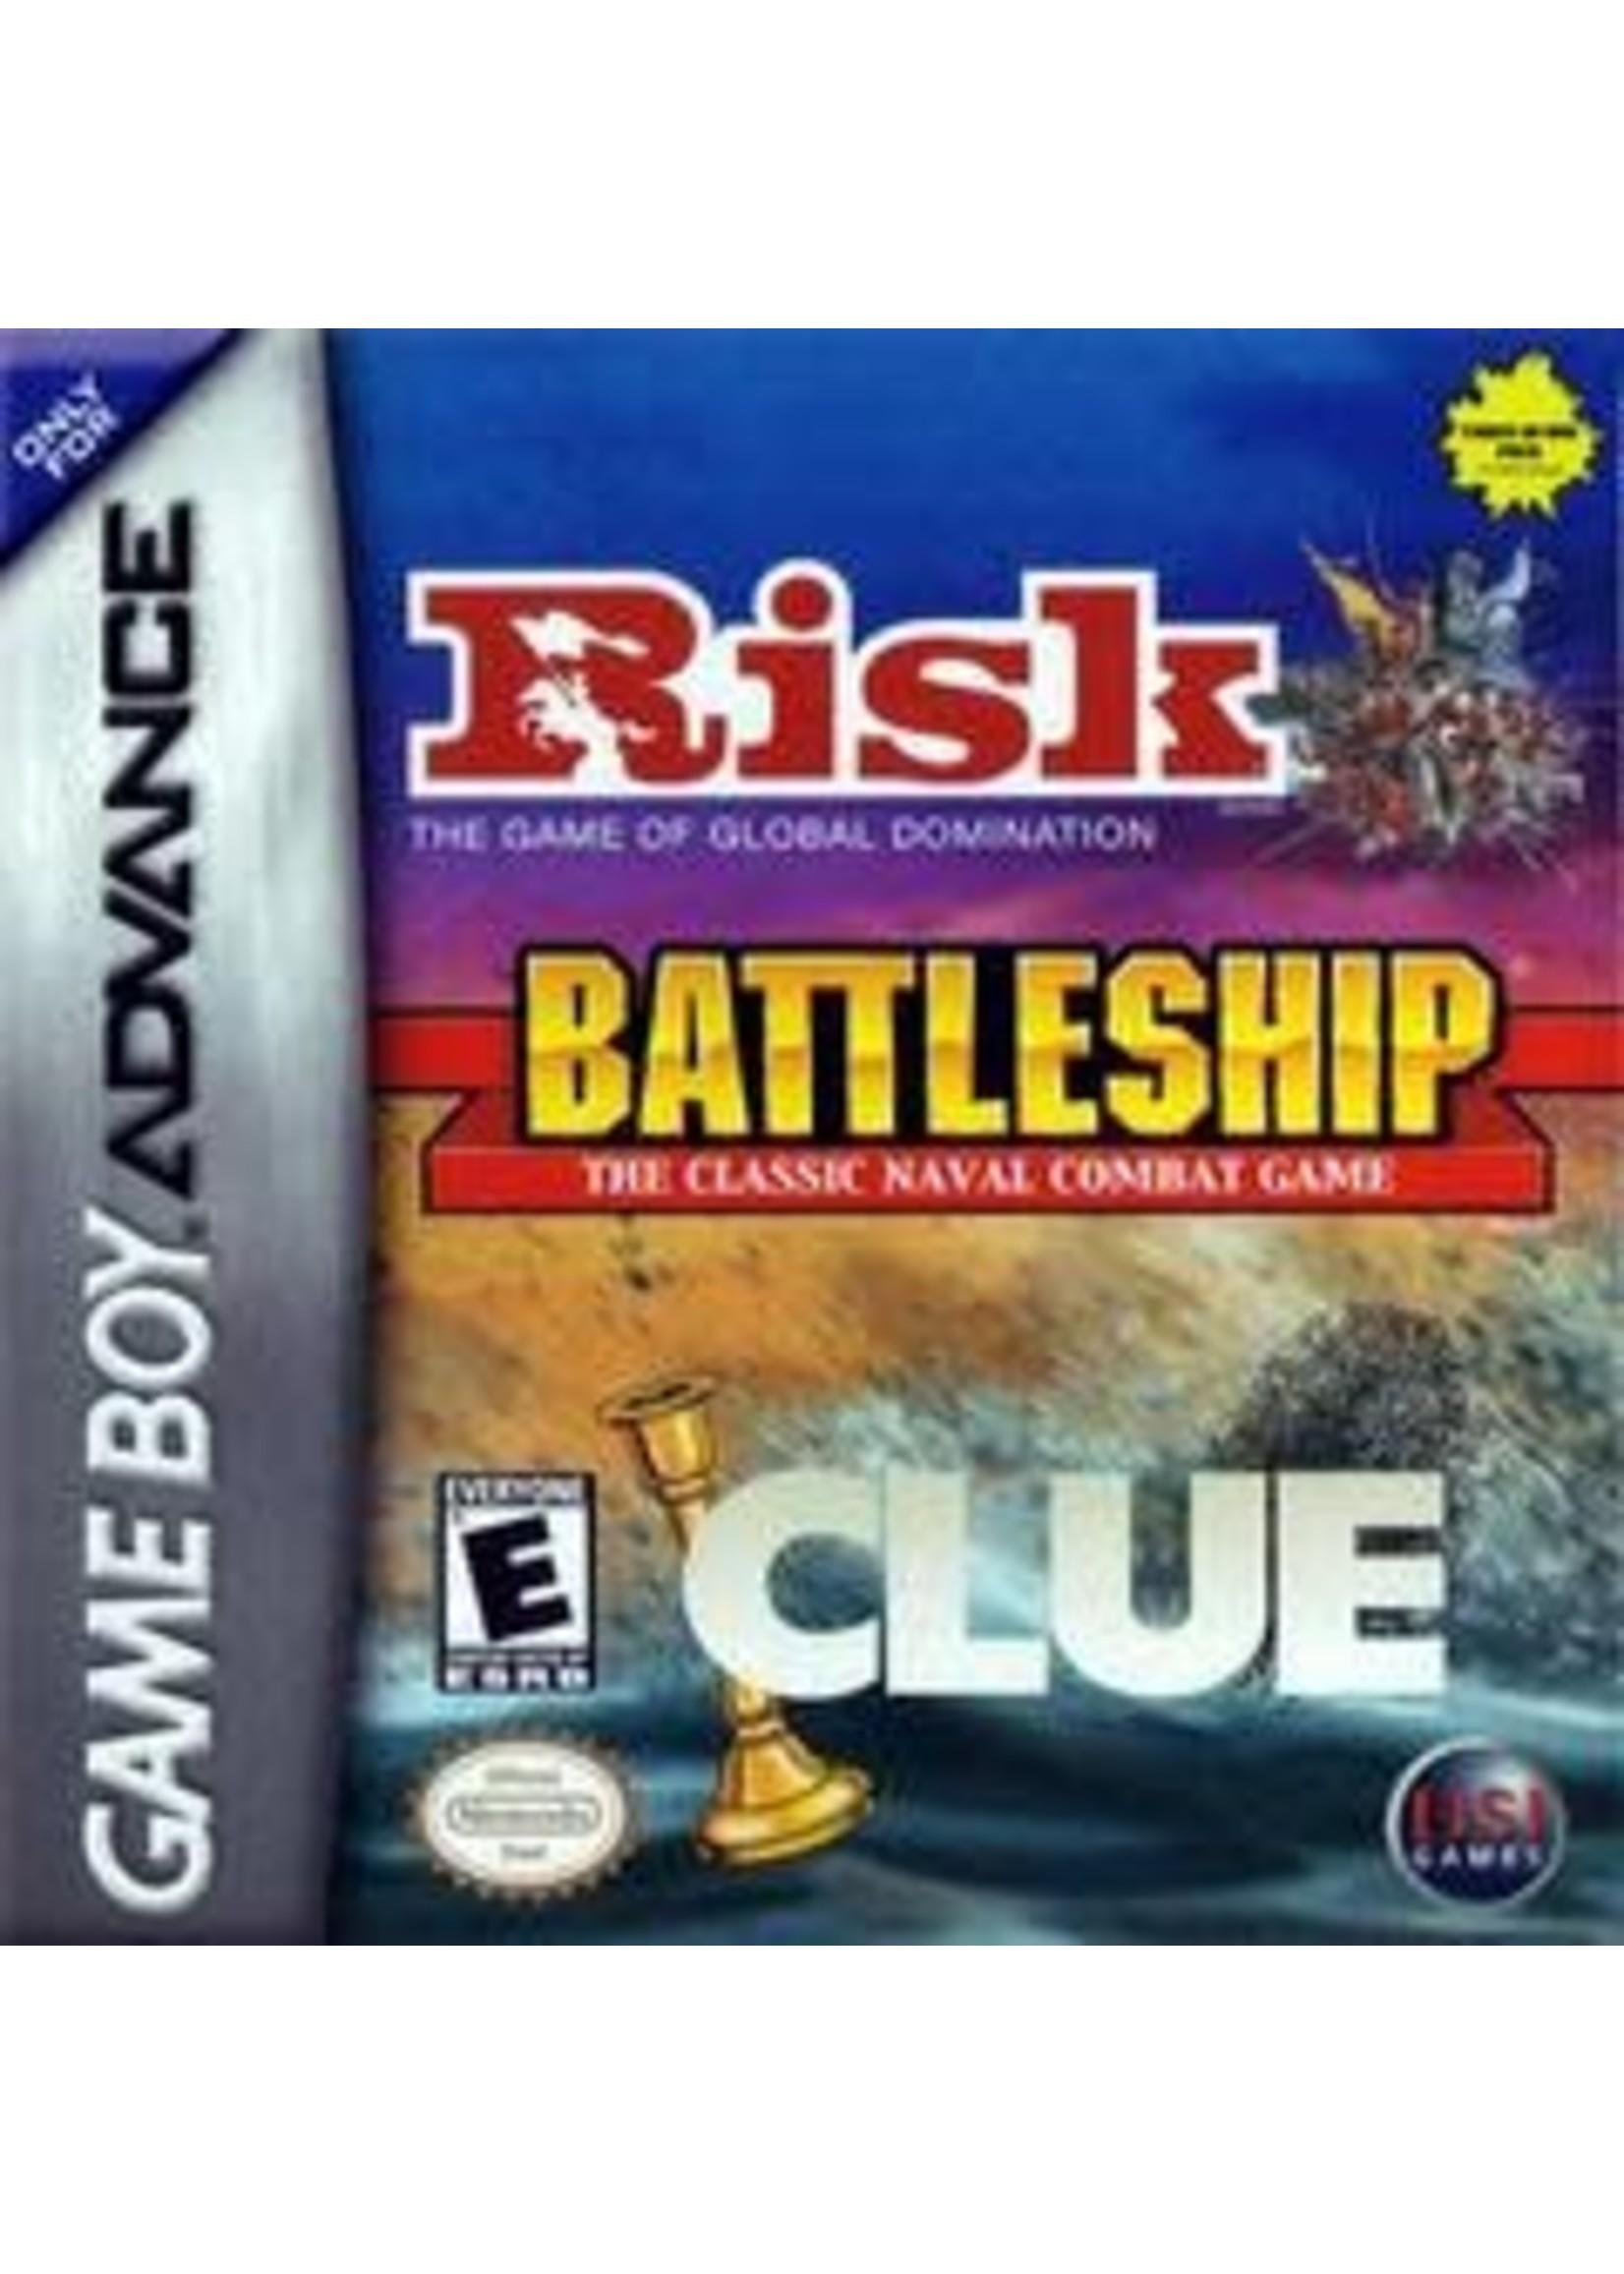 Risk / Battleship / Clue GameBoy Advance